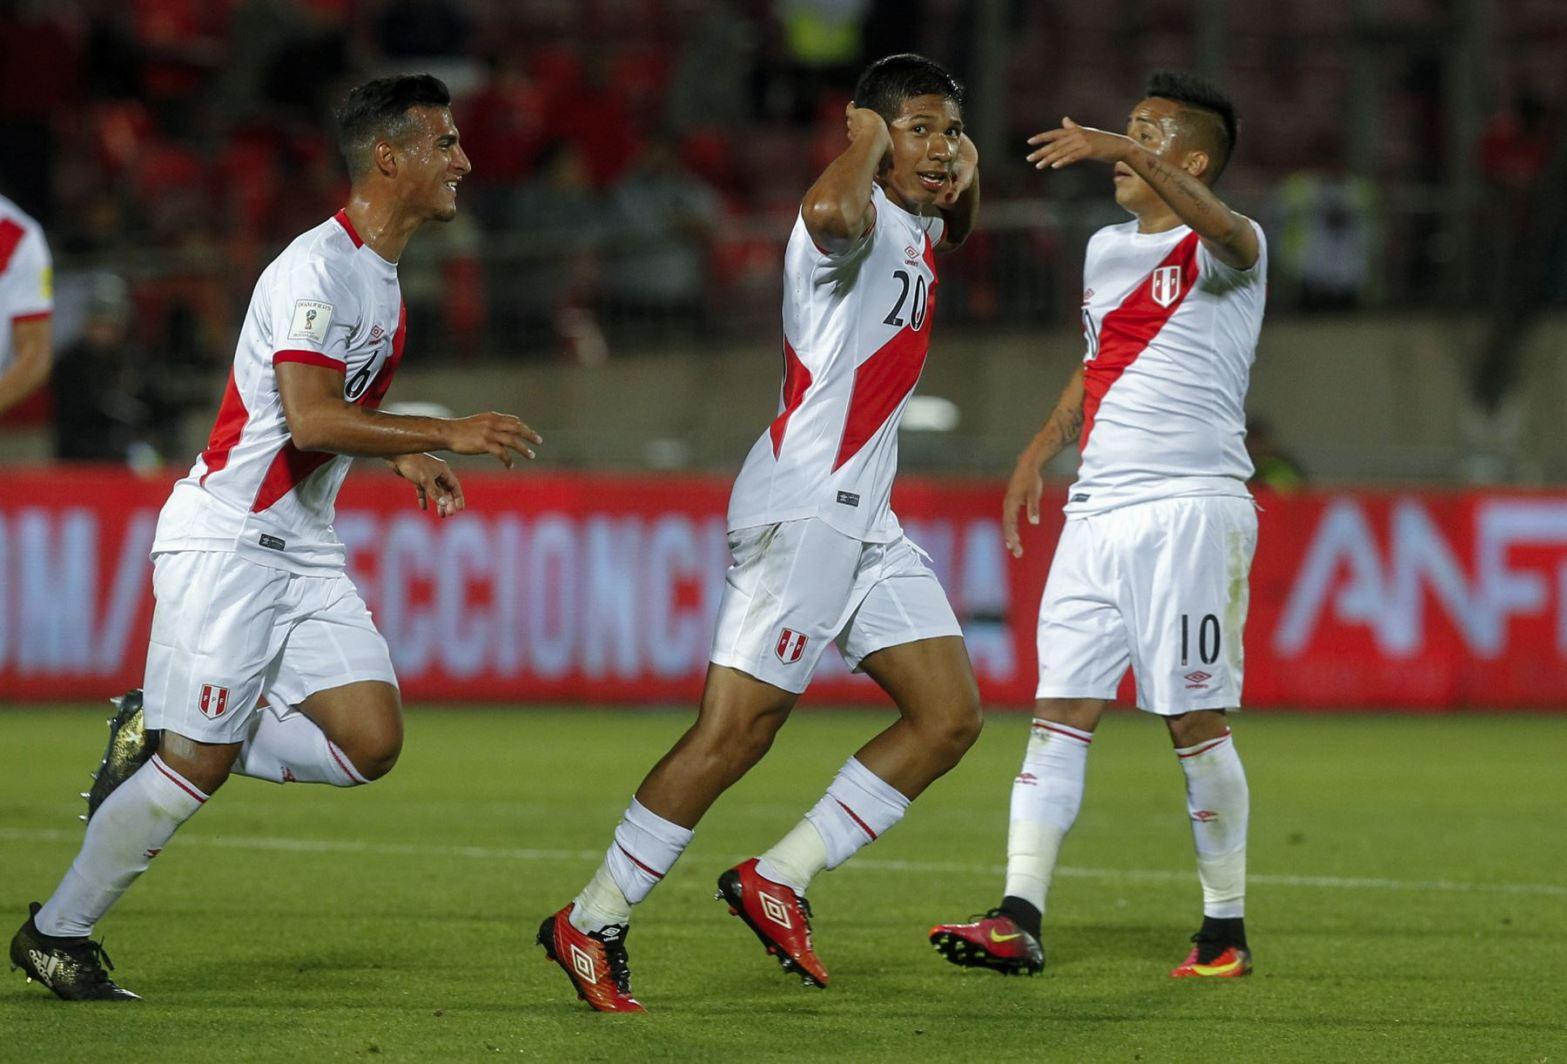 Nueva camiseta de la Selección Peruana para la Copa América es presentada